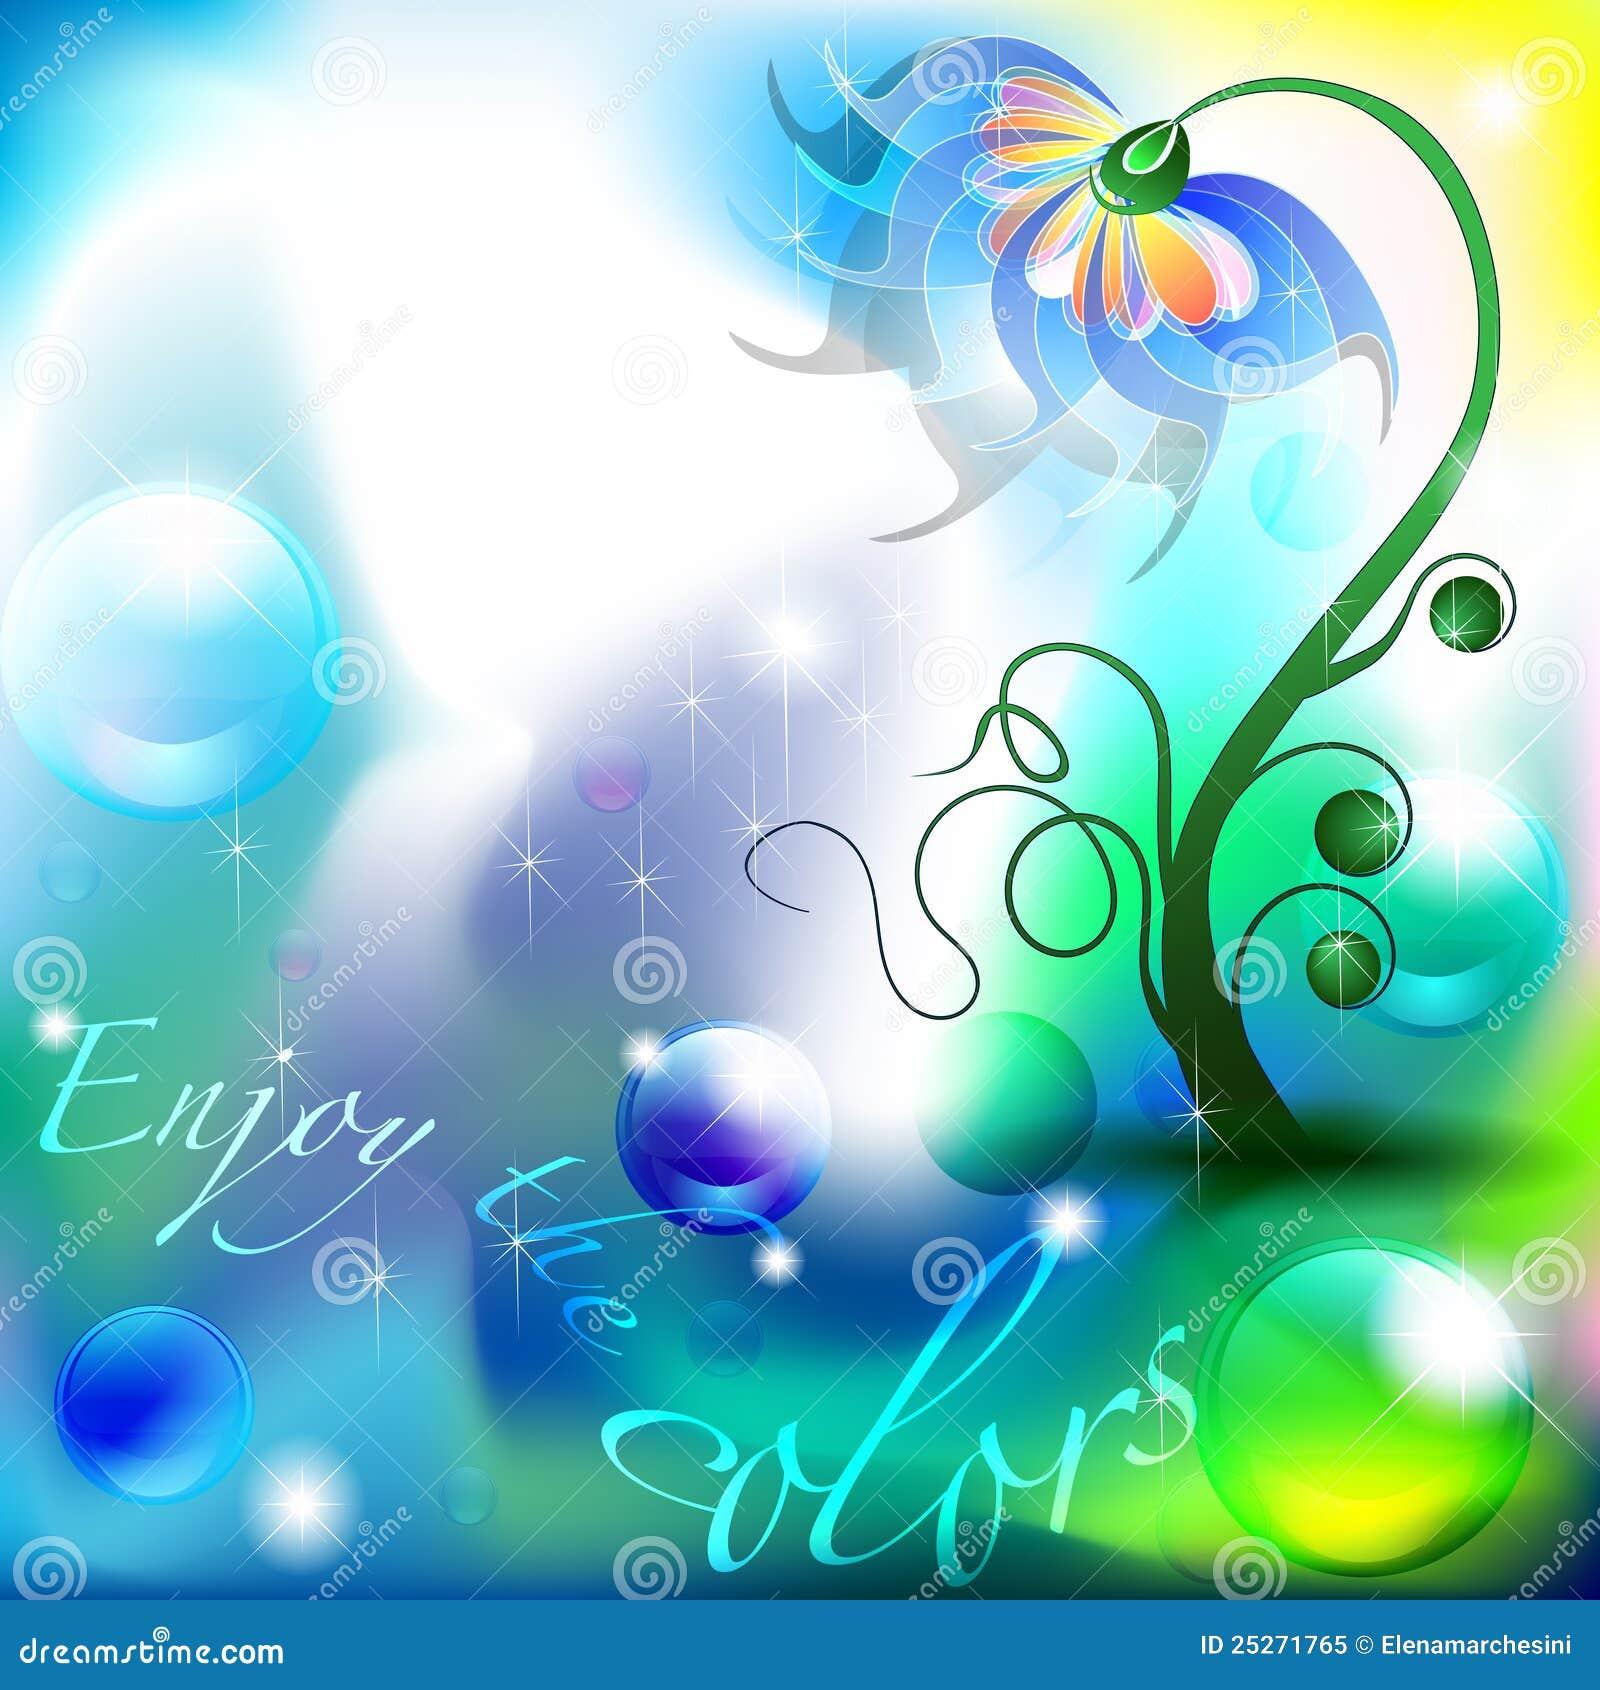 fleur f erique des nuances de couleur bleue et verte photo libre de droits image 25271765. Black Bedroom Furniture Sets. Home Design Ideas